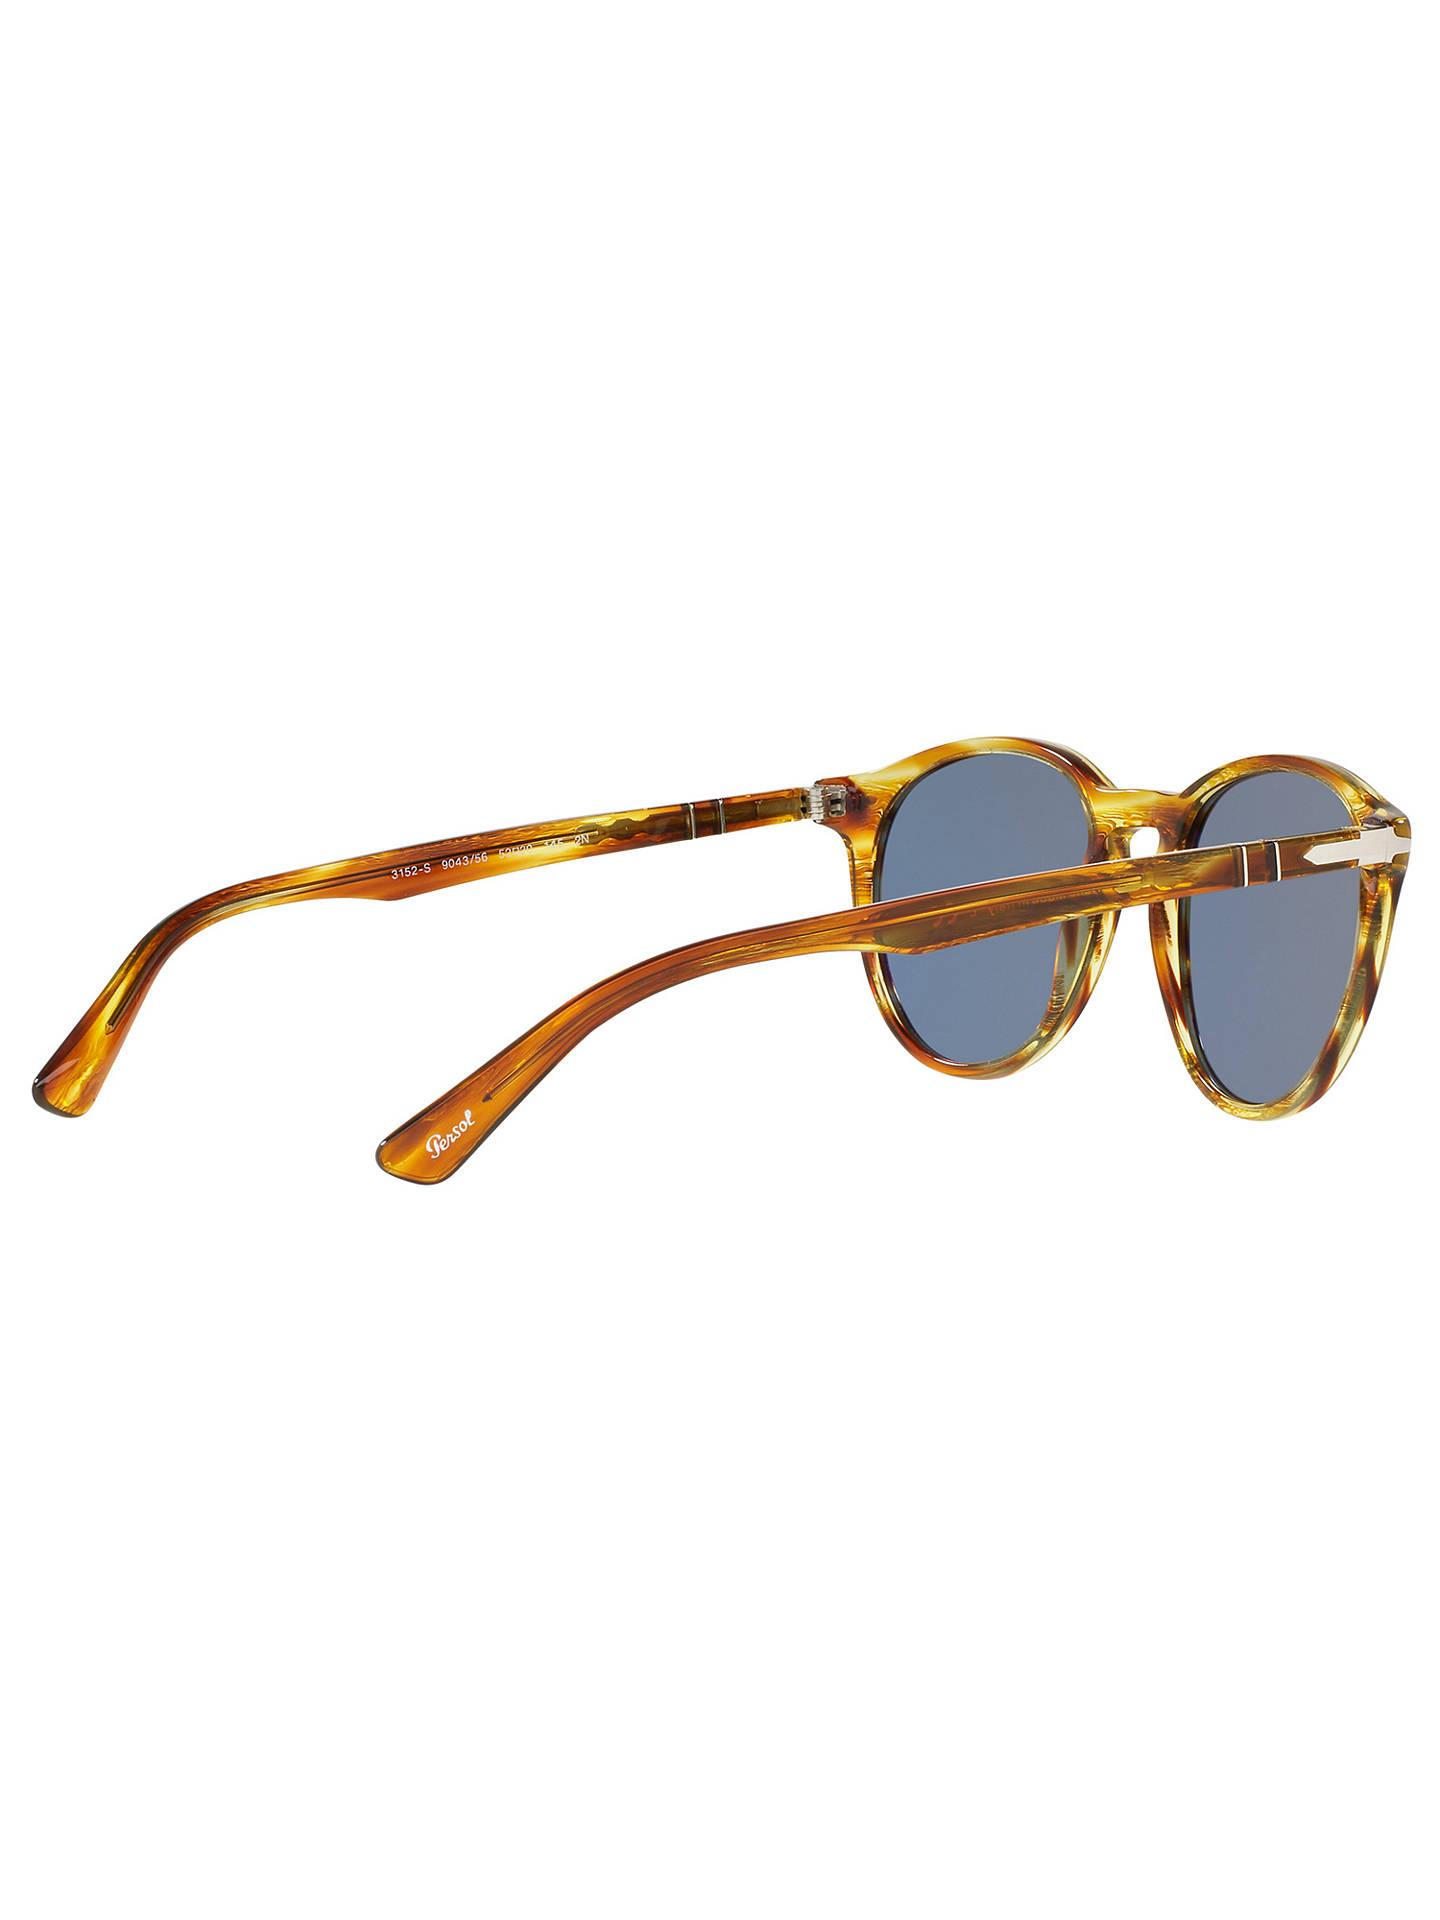 c473e8ca04c9e ... Buy Persol PO3152S Oval Sunglasses